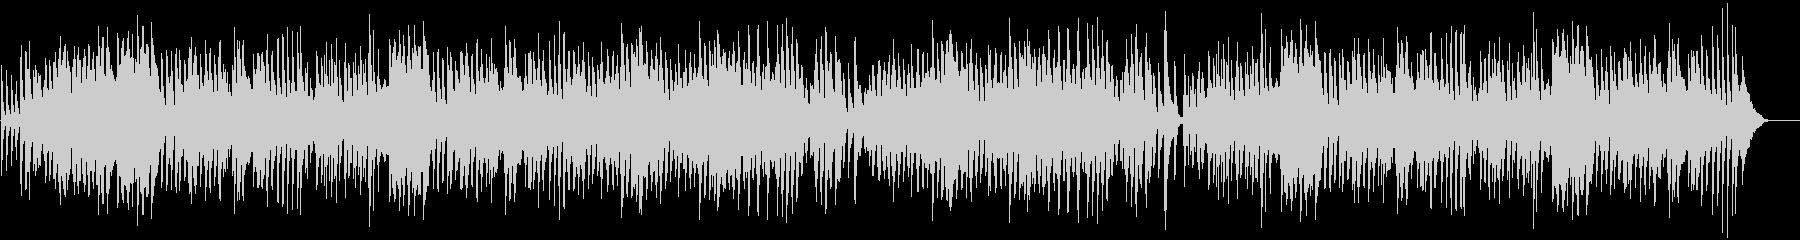 ピアノとドラムによる陽気なラグタイムの未再生の波形